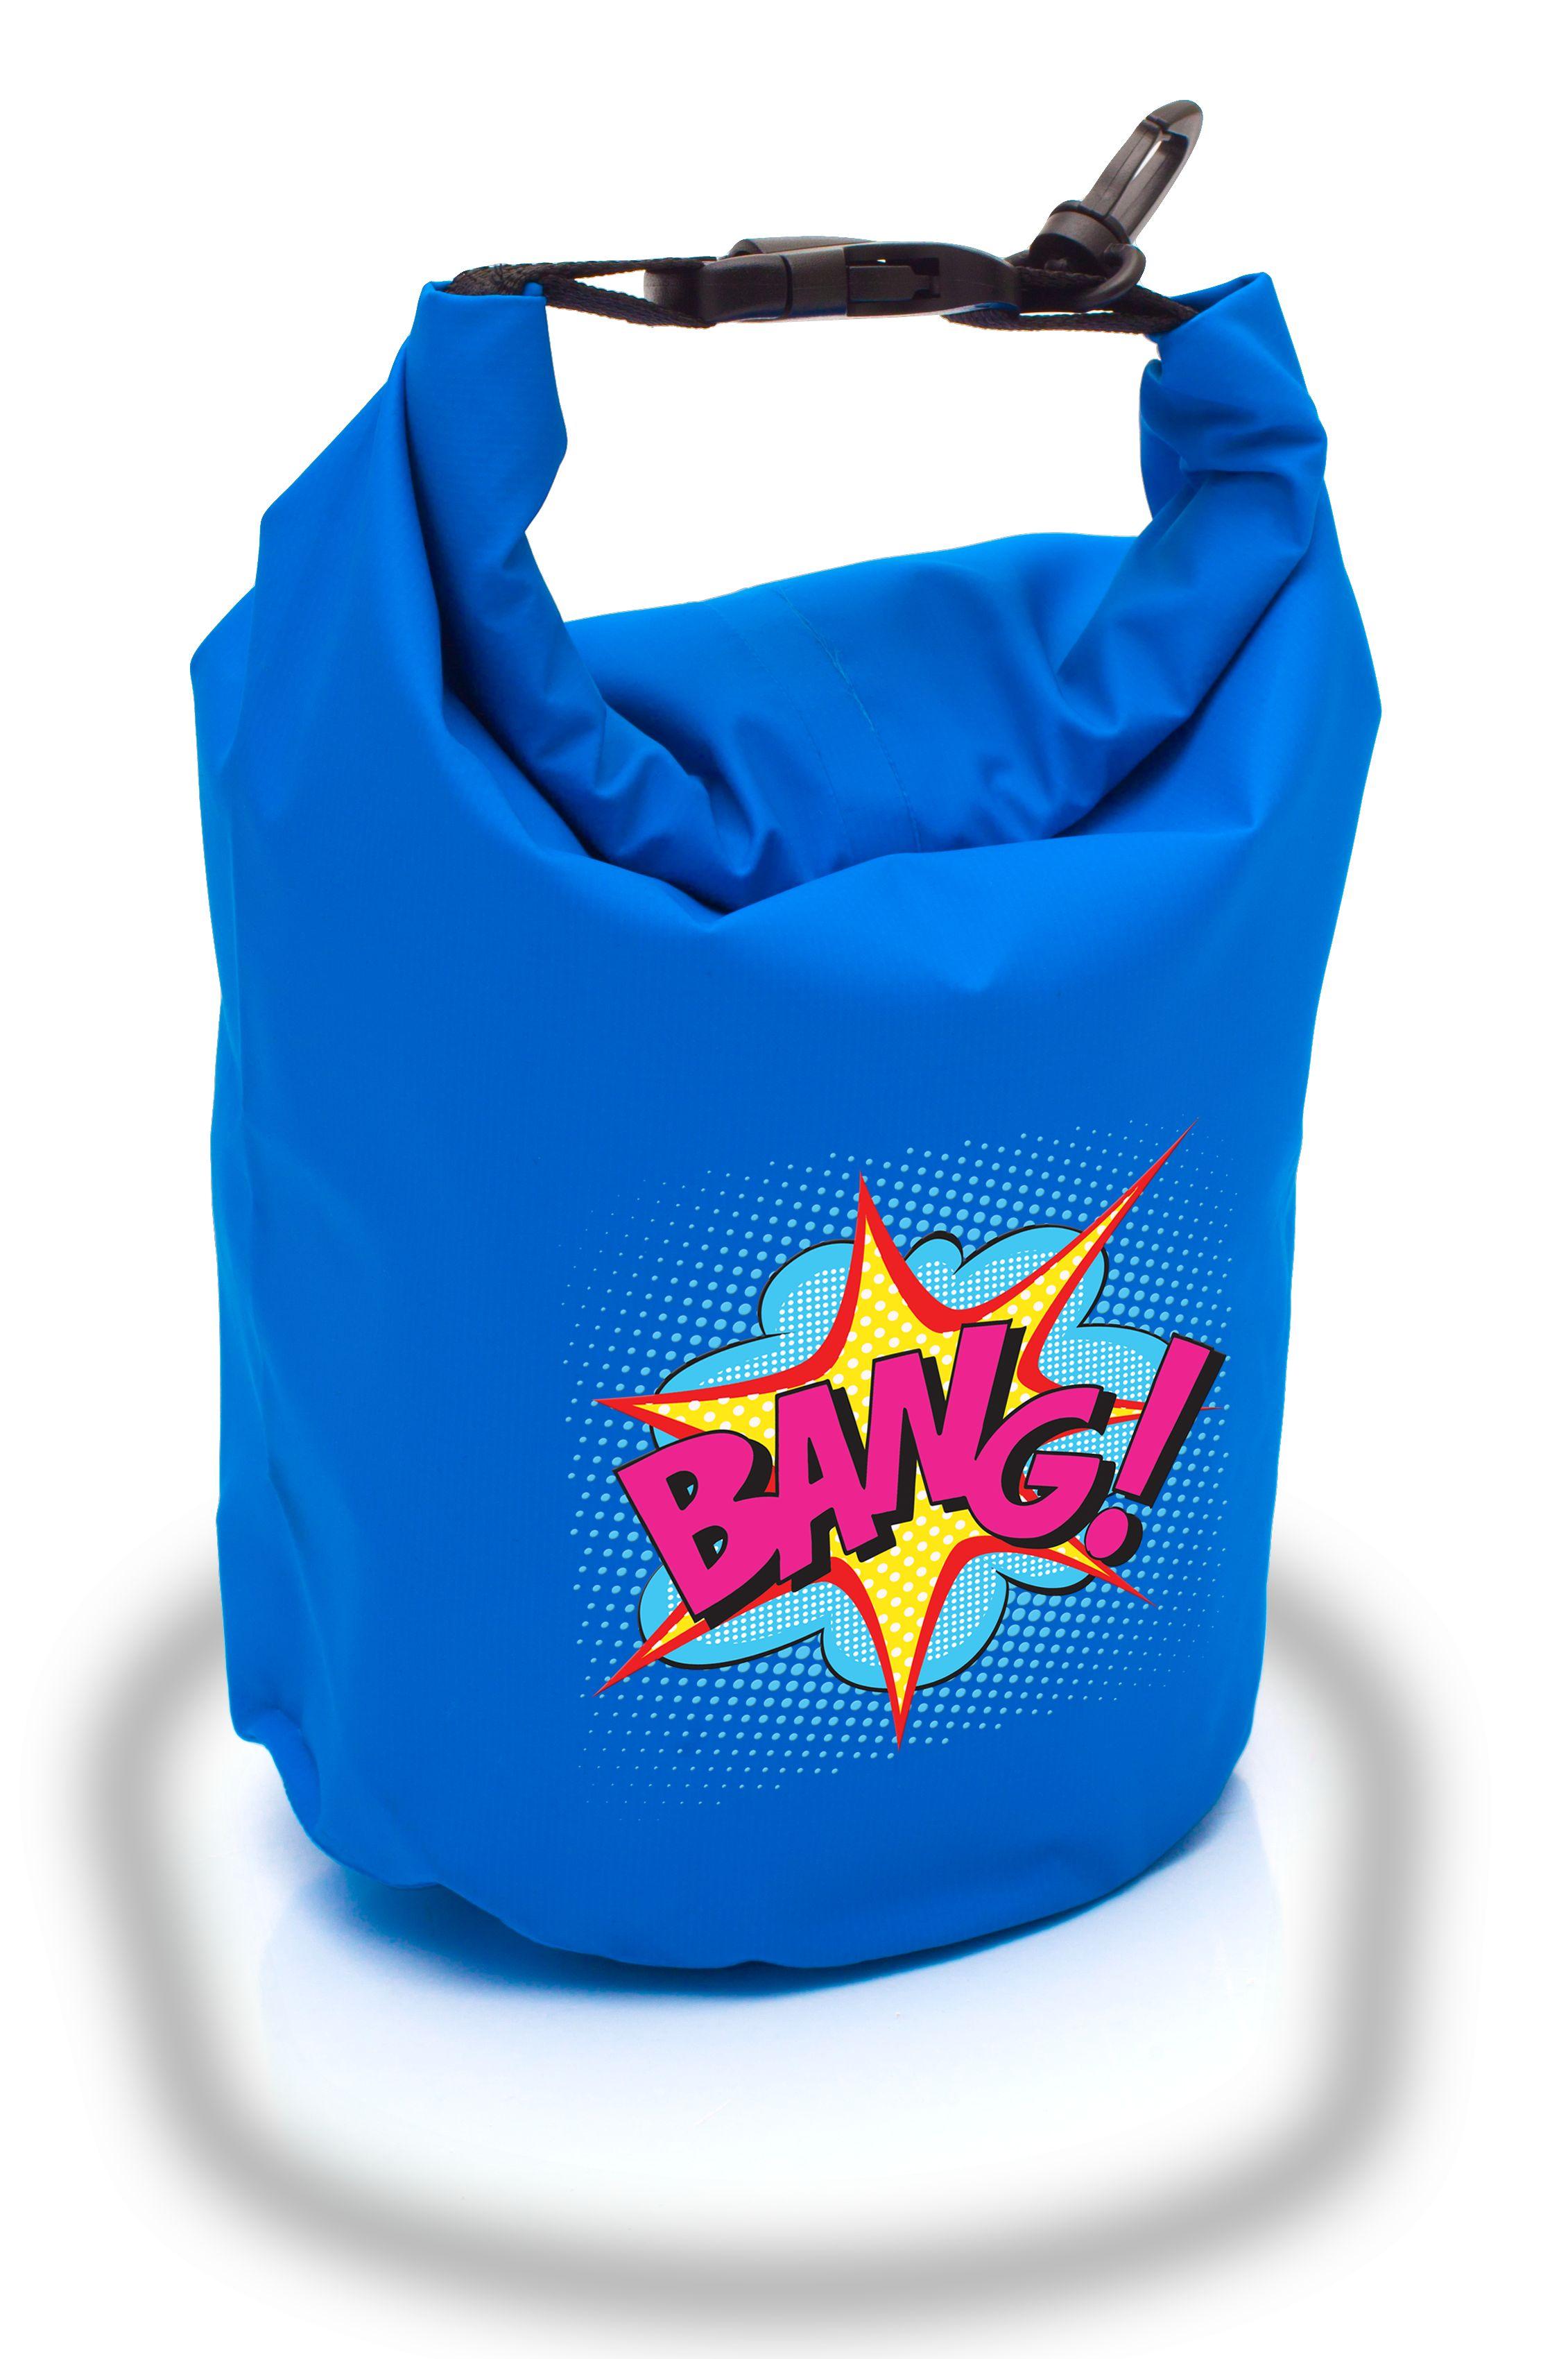 Silk screen - DRY INSIDE waterproof bag